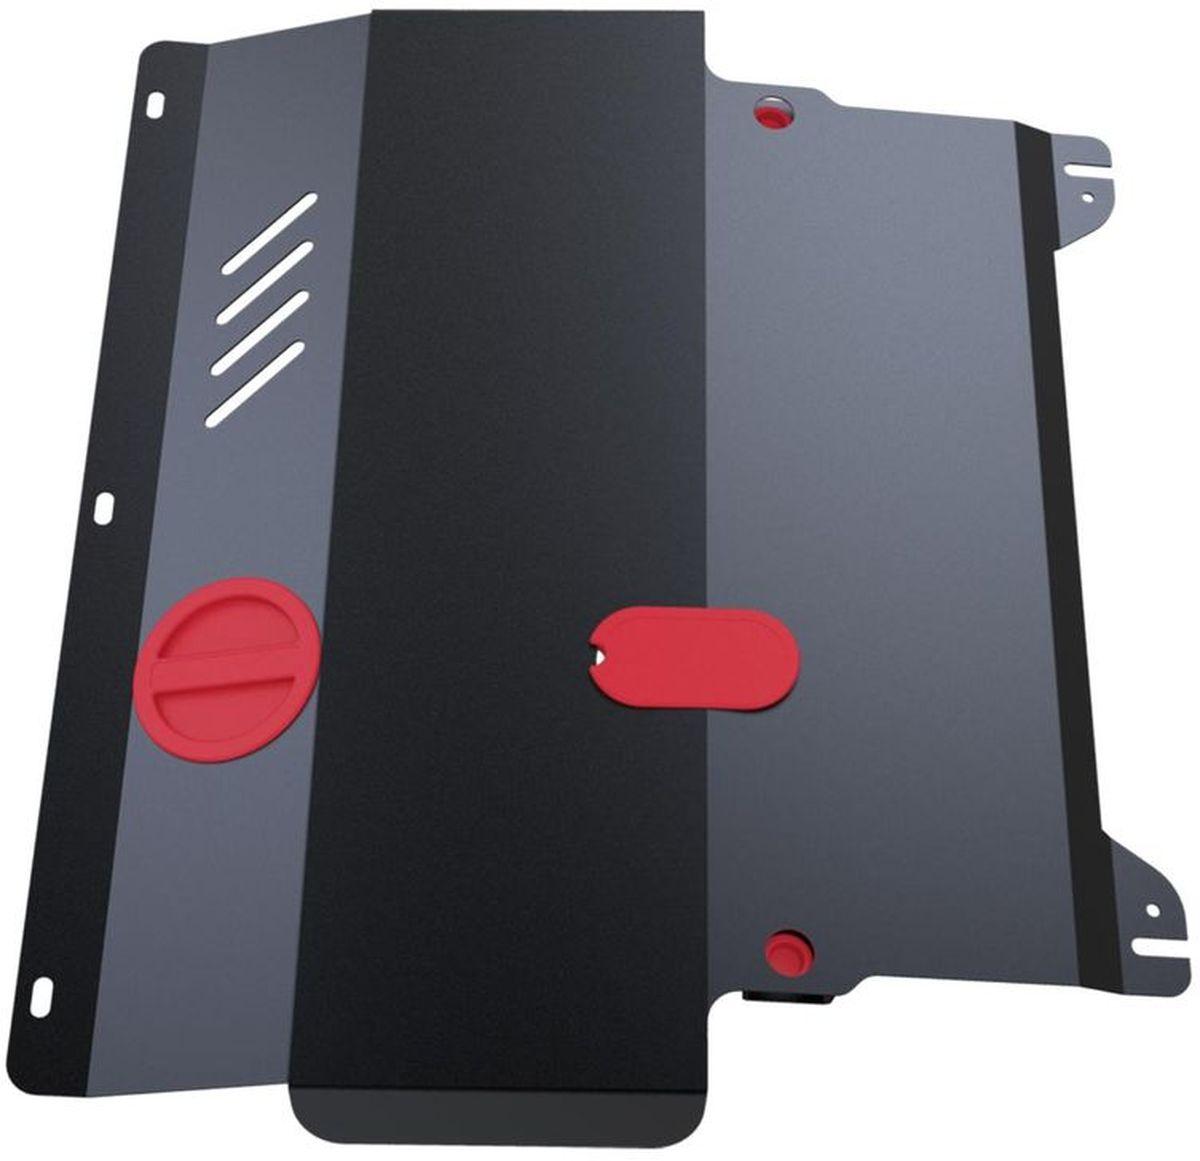 Защита картера Автоброня, для Nissan Patrol 2005 V - 3,0; 4,8 (2004-2010)240000Технологически совершенный продукт за невысокую стоимость.Защита разработана с учетом особенностей днища автомобиля, что позволяет сохранить дорожный просвет с минимальным изменением.Защита устанавливается в штатные места кузова автомобиля. Глубокий штамп обеспечивает до двух раз больше жесткости в сравнении с обычной защитой той же толщины. Проштампованные ребра жесткости препятствуют деформации защиты при ударах.Тепловой зазор и вентиляционные отверстия обеспечивают сохранение температурного режима двигателя в норме. Скрытый крепеж предотвращает срыв крепежных элементов при наезде на препятствие.Шумопоглощающие резиновые элементы обеспечивают комфортную езду без вибраций и скрежета металла, а съемные лючки для слива масла и замены фильтра - экономию средств и время.Конструкция изделия не влияет на пассивную безопасность автомобиля (при ударе защита не воздействует на деформационные зоны кузова). Со штатным крепежом. В комплекте инструкция по установке.Толщина стали: 2 мм.Уважаемые клиенты!Обращаем ваше внимание, что элемент защиты имеет форму, соответствующую модели данного автомобиля. Фото служит для визуального восприятия товара и может отличаться от фактического.